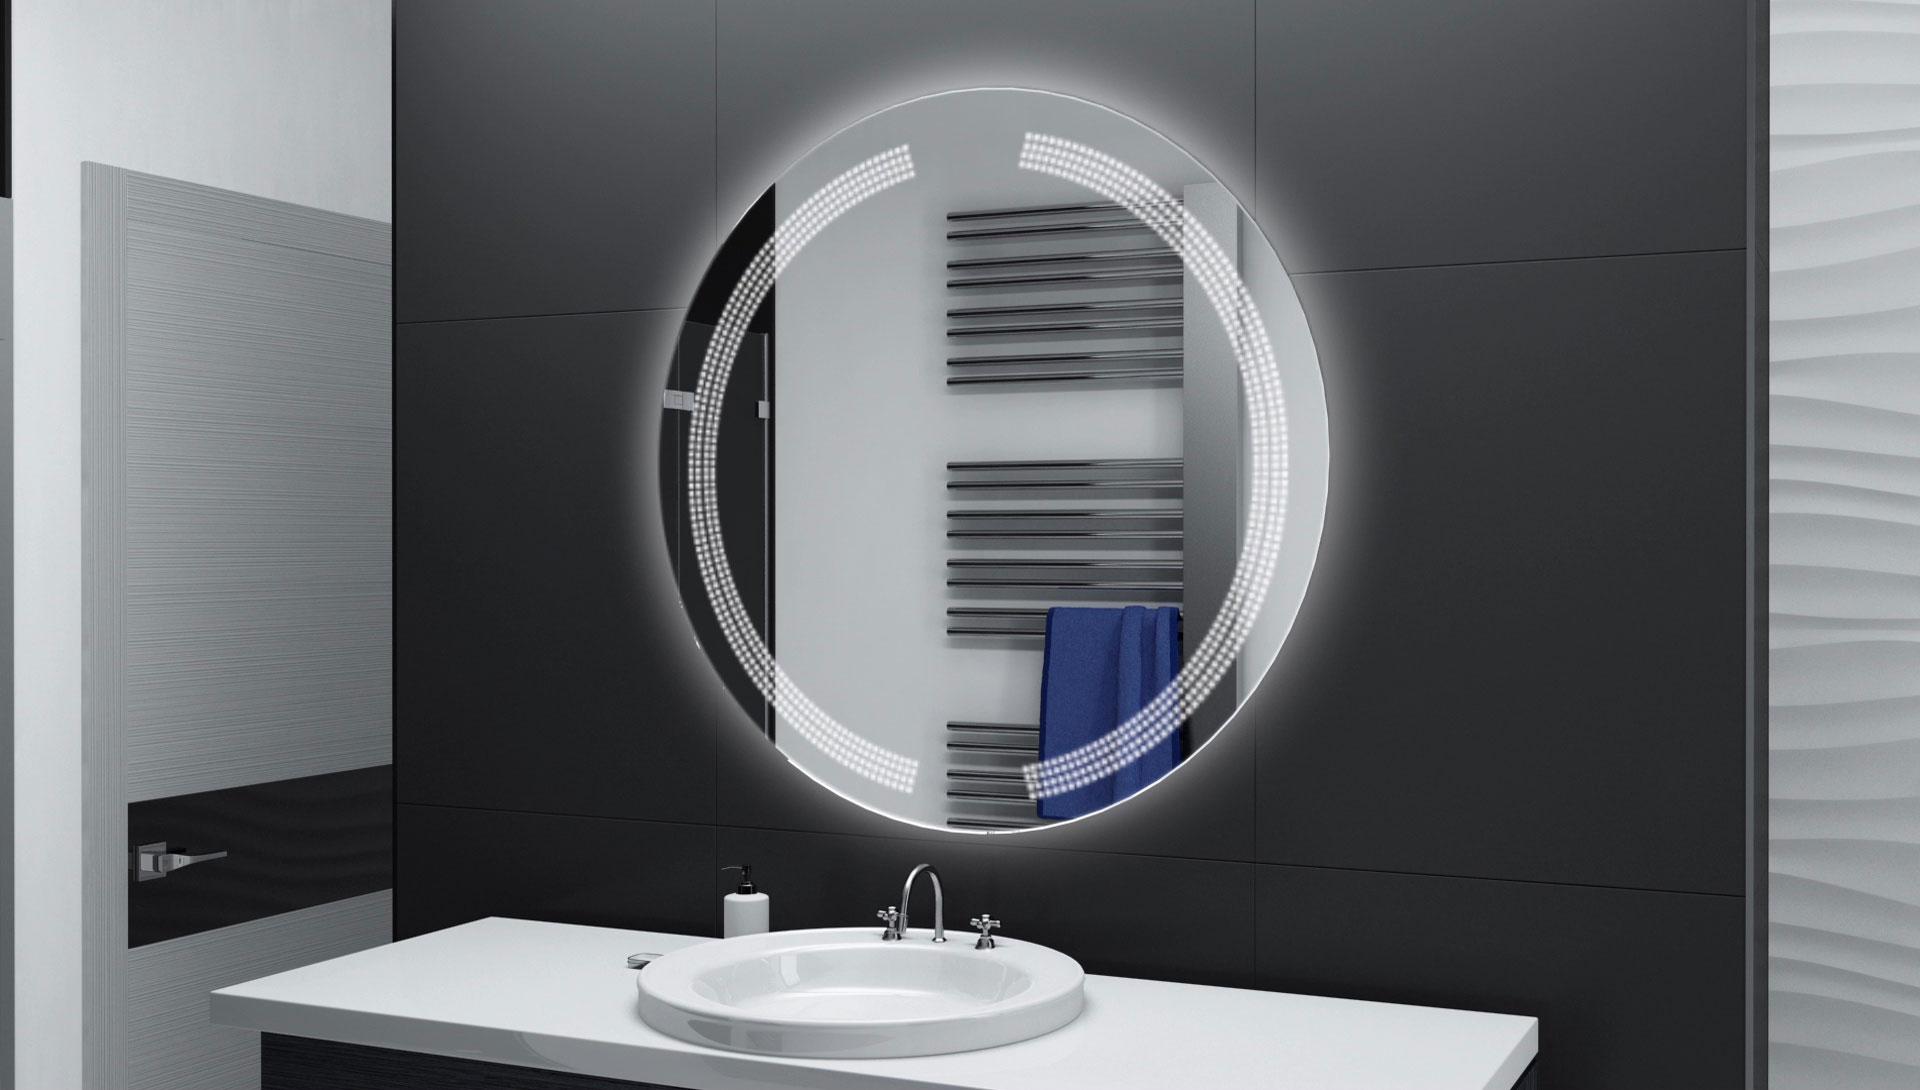 sch ne badspiegel rund mit beleuchtung emaison co. Black Bedroom Furniture Sets. Home Design Ideas